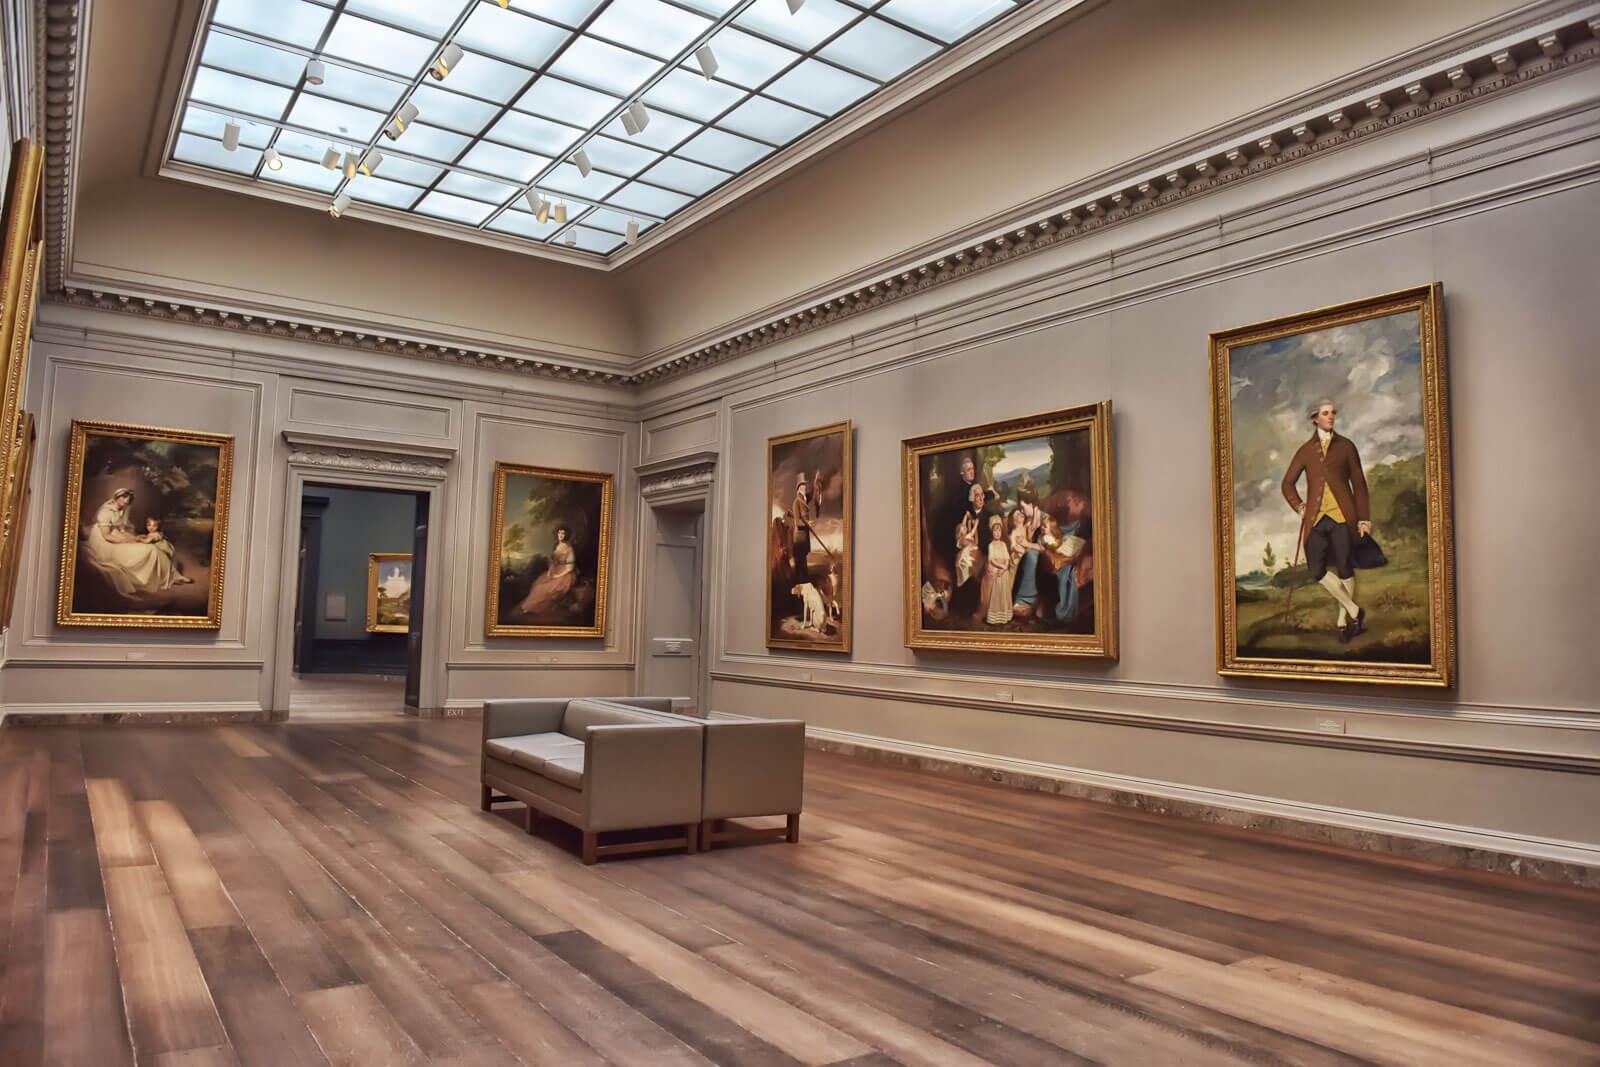 Google Arts & Culture – Online Museum Tour